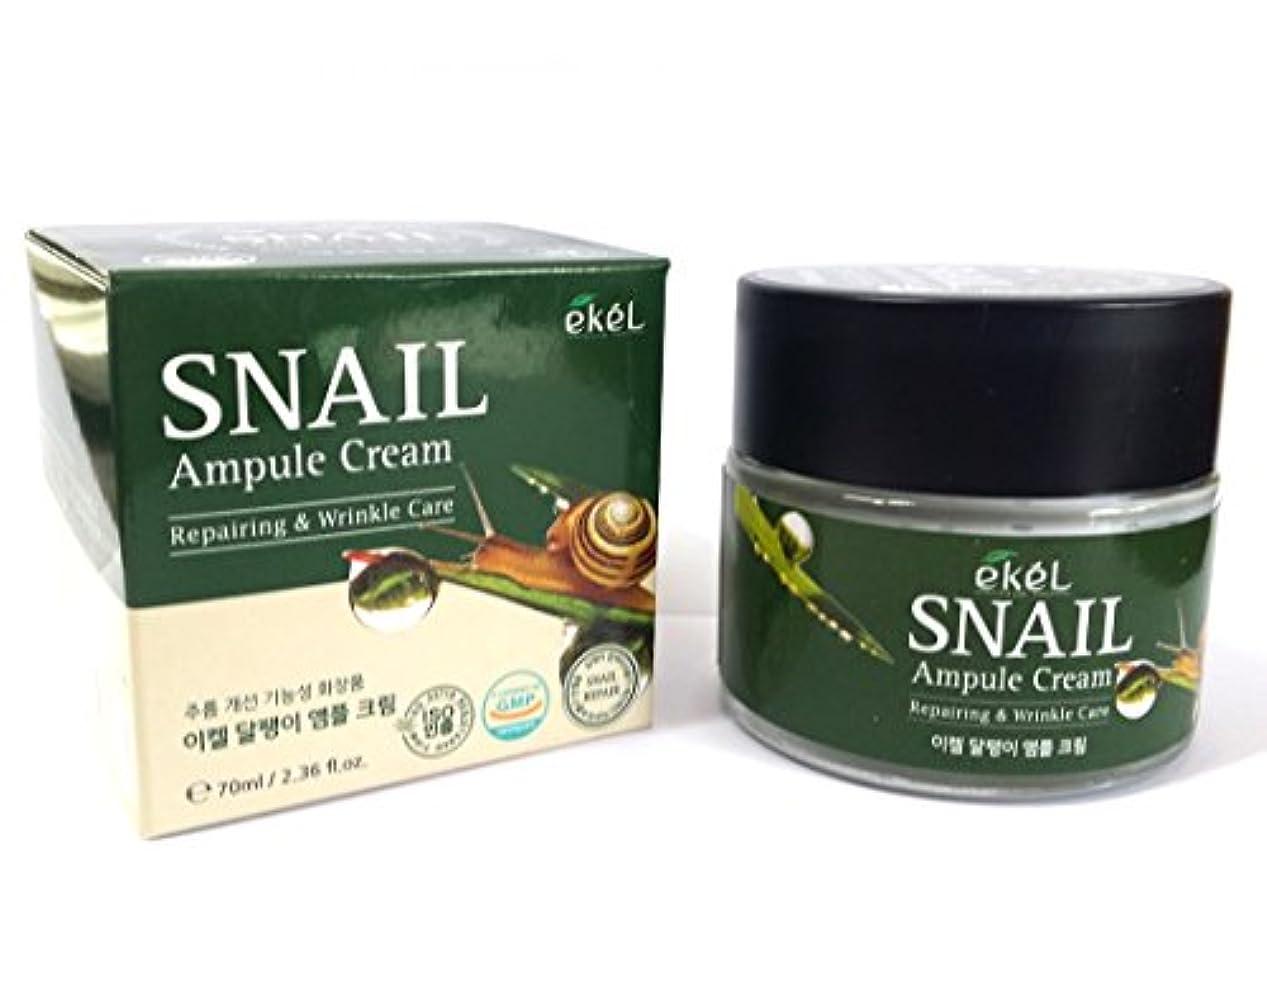 イディオム水差別的[EKEL] カタツムリアンプルクリーム70ml / Snail Ampule Cream 70ml / / リペアリング&リンクルケア / ハイドレーティングクリーム / Repairing & Wrinkle Care...